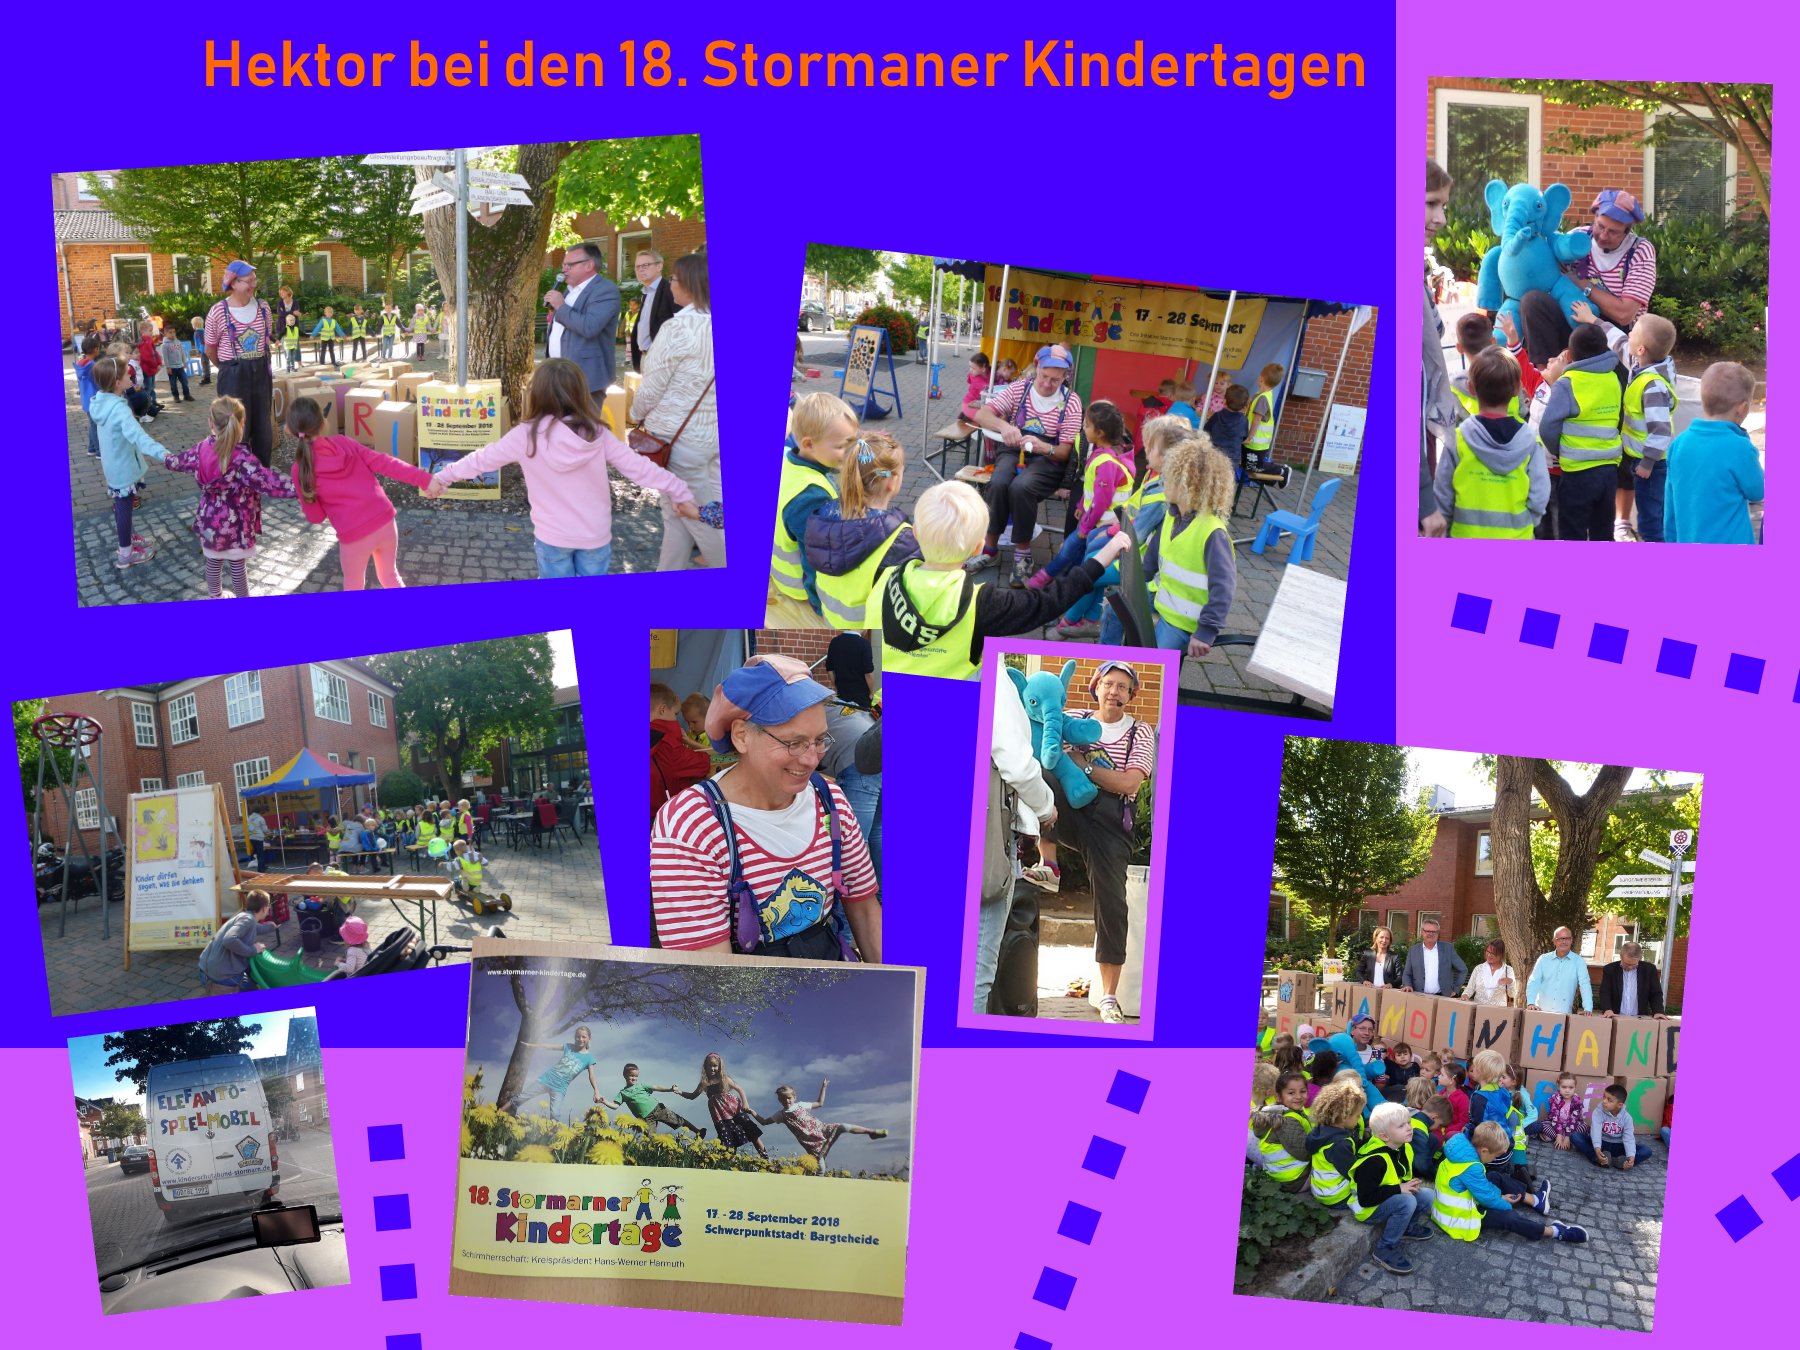 Hektor bei den Stormaner Kindertagen